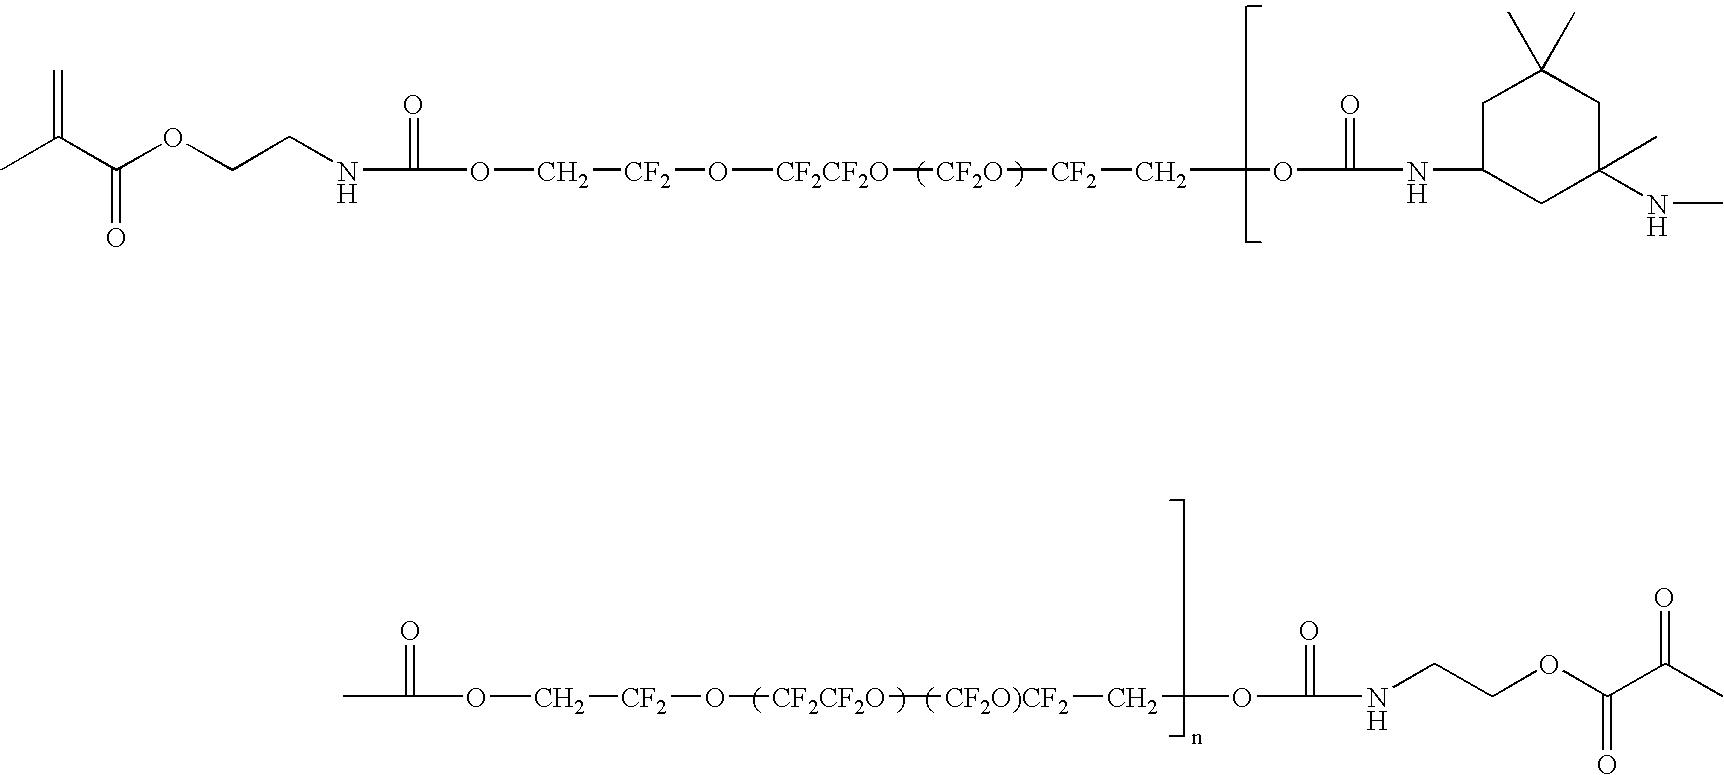 Figure US20090027603A1-20090129-C00014